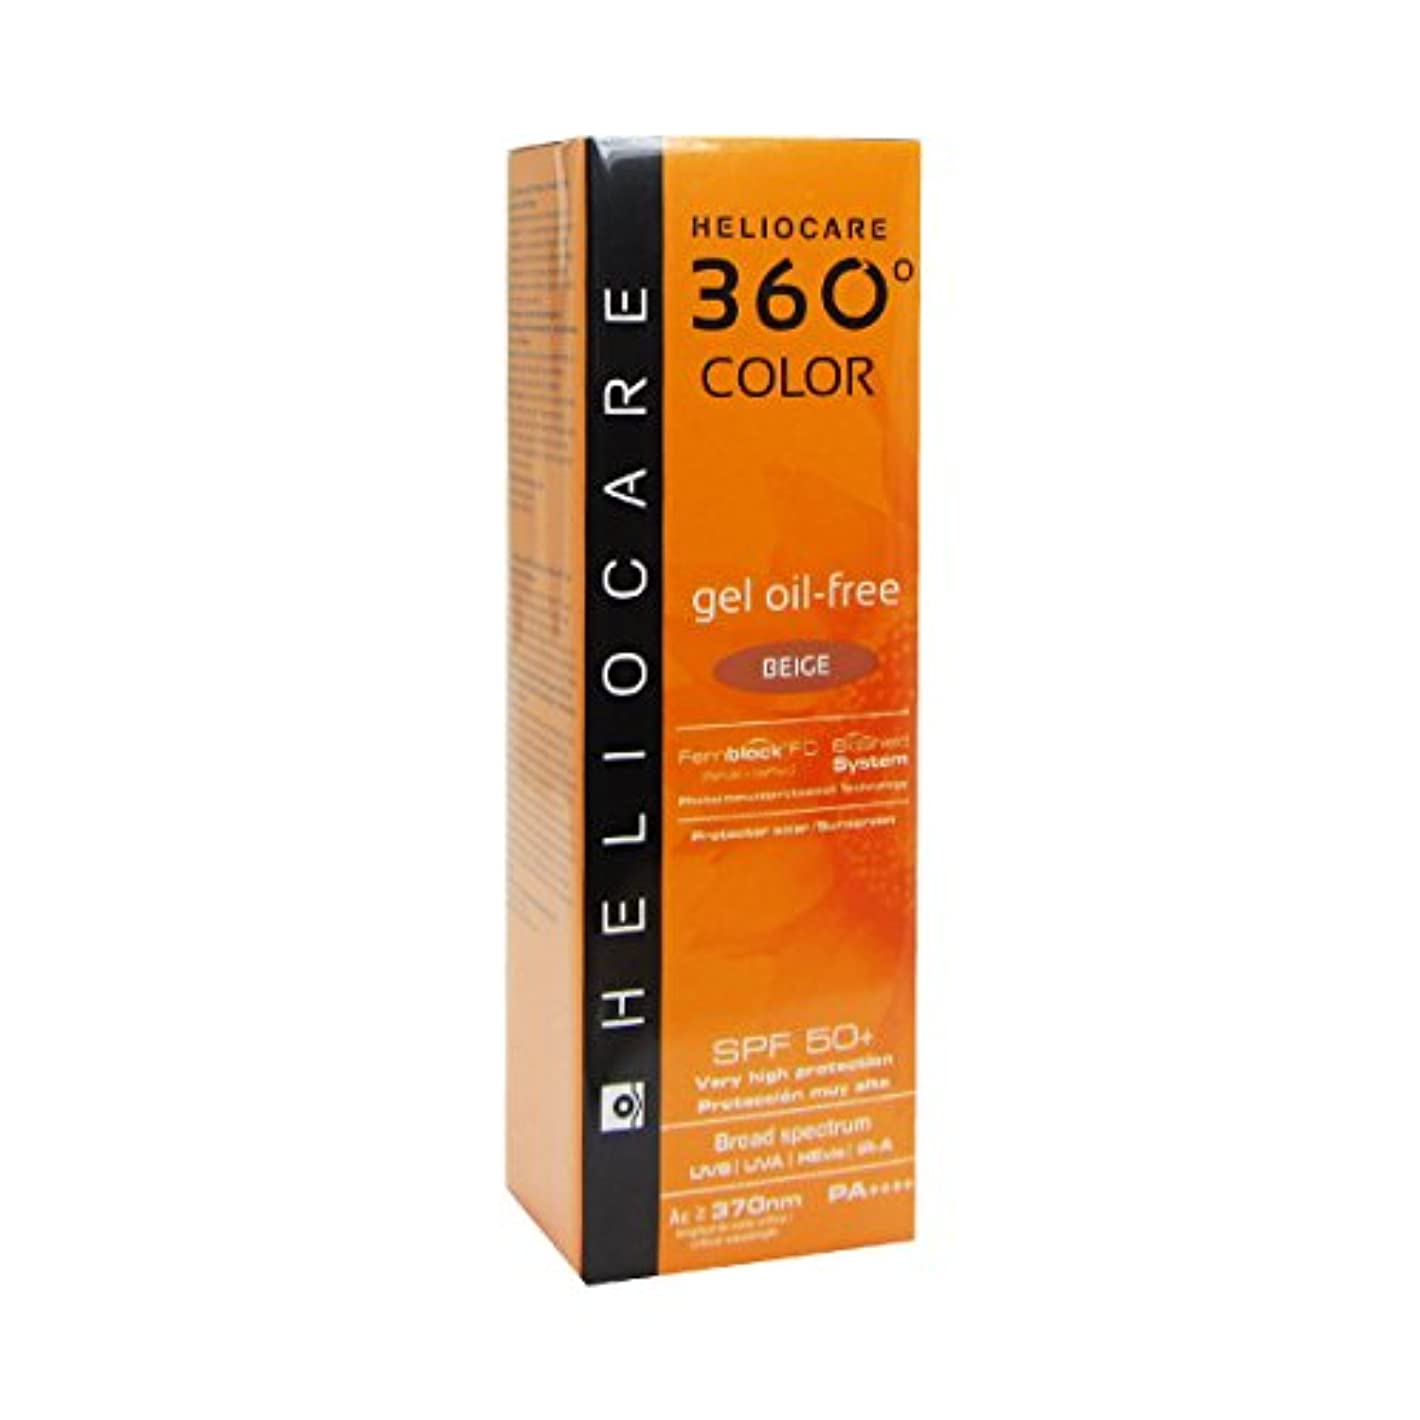 色スリット商人Heliocare 360 Gel-color Oil-free Spf50 Beige 50ml [並行輸入品]